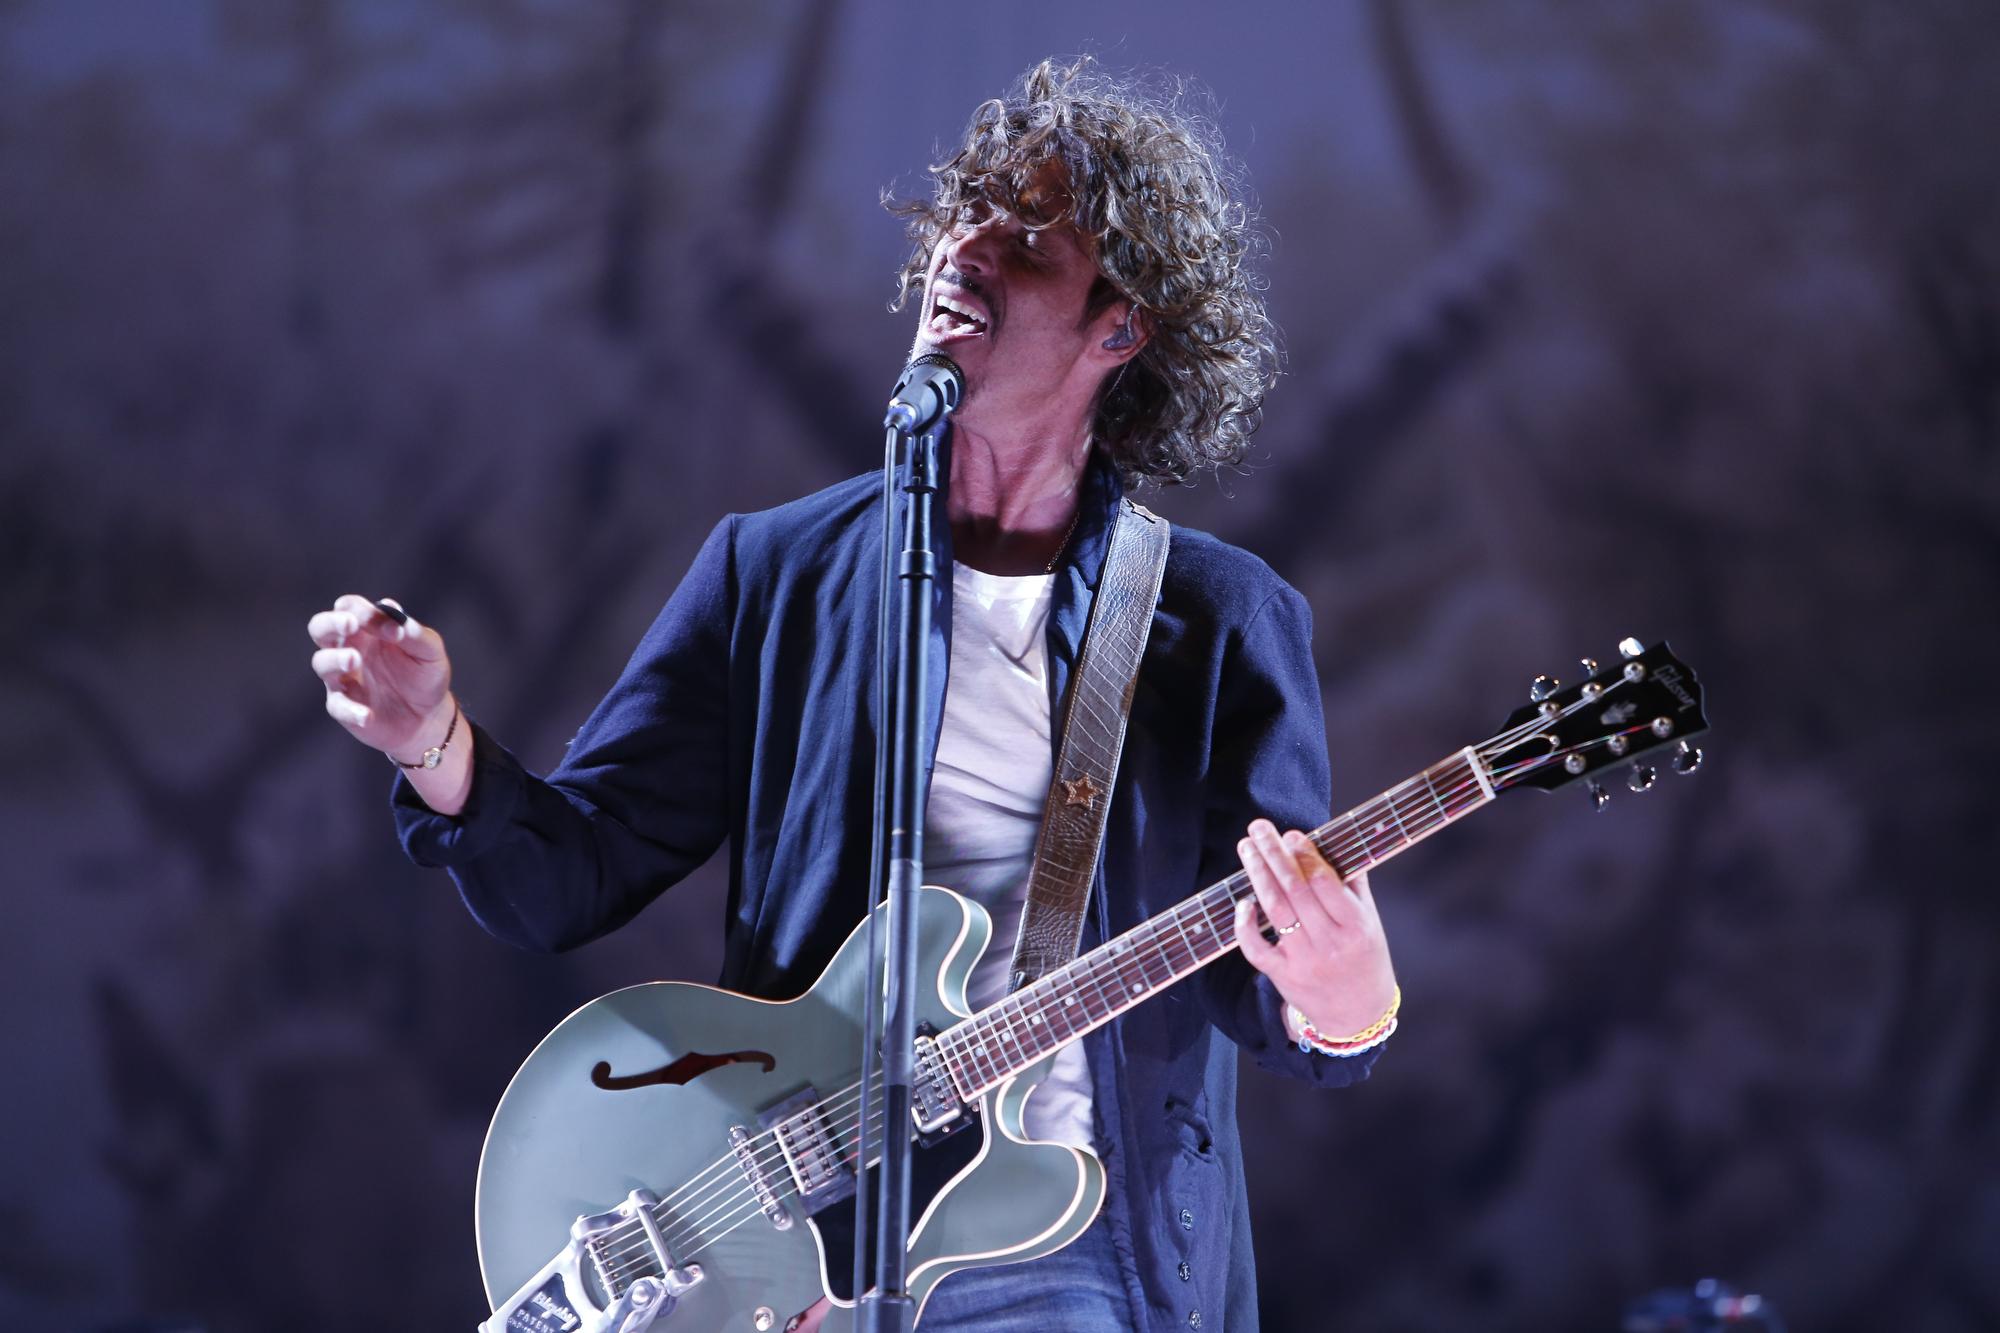 Mira el concierto completo de Soundgarden en Lollapalooza Chile 2014